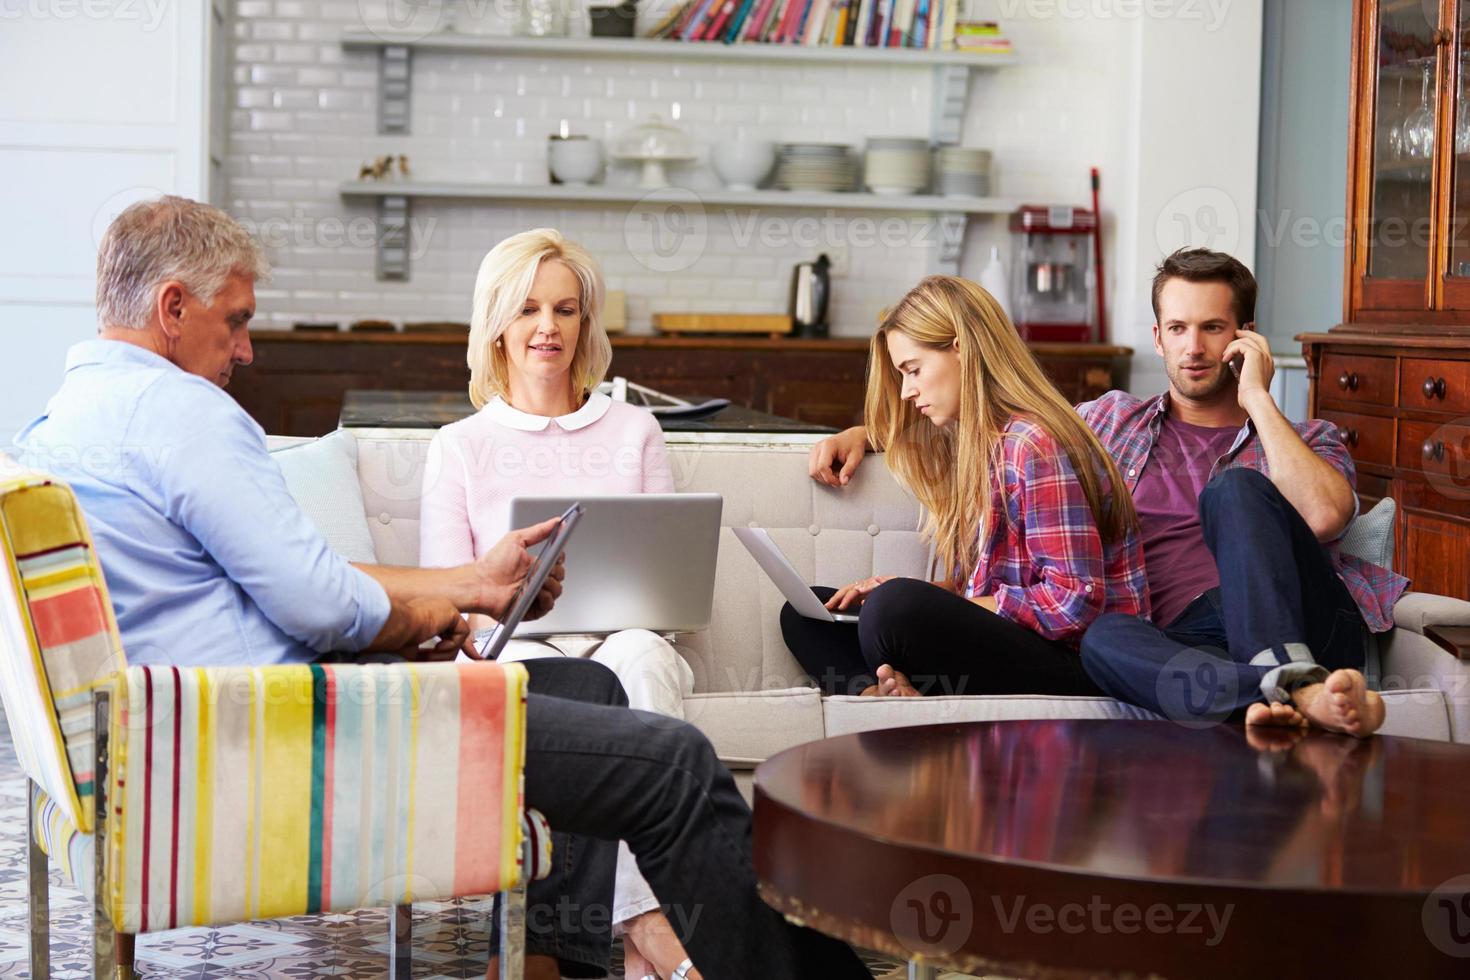 ouders met volwassen nakomelingen die thuis digitale apparaten gebruiken foto